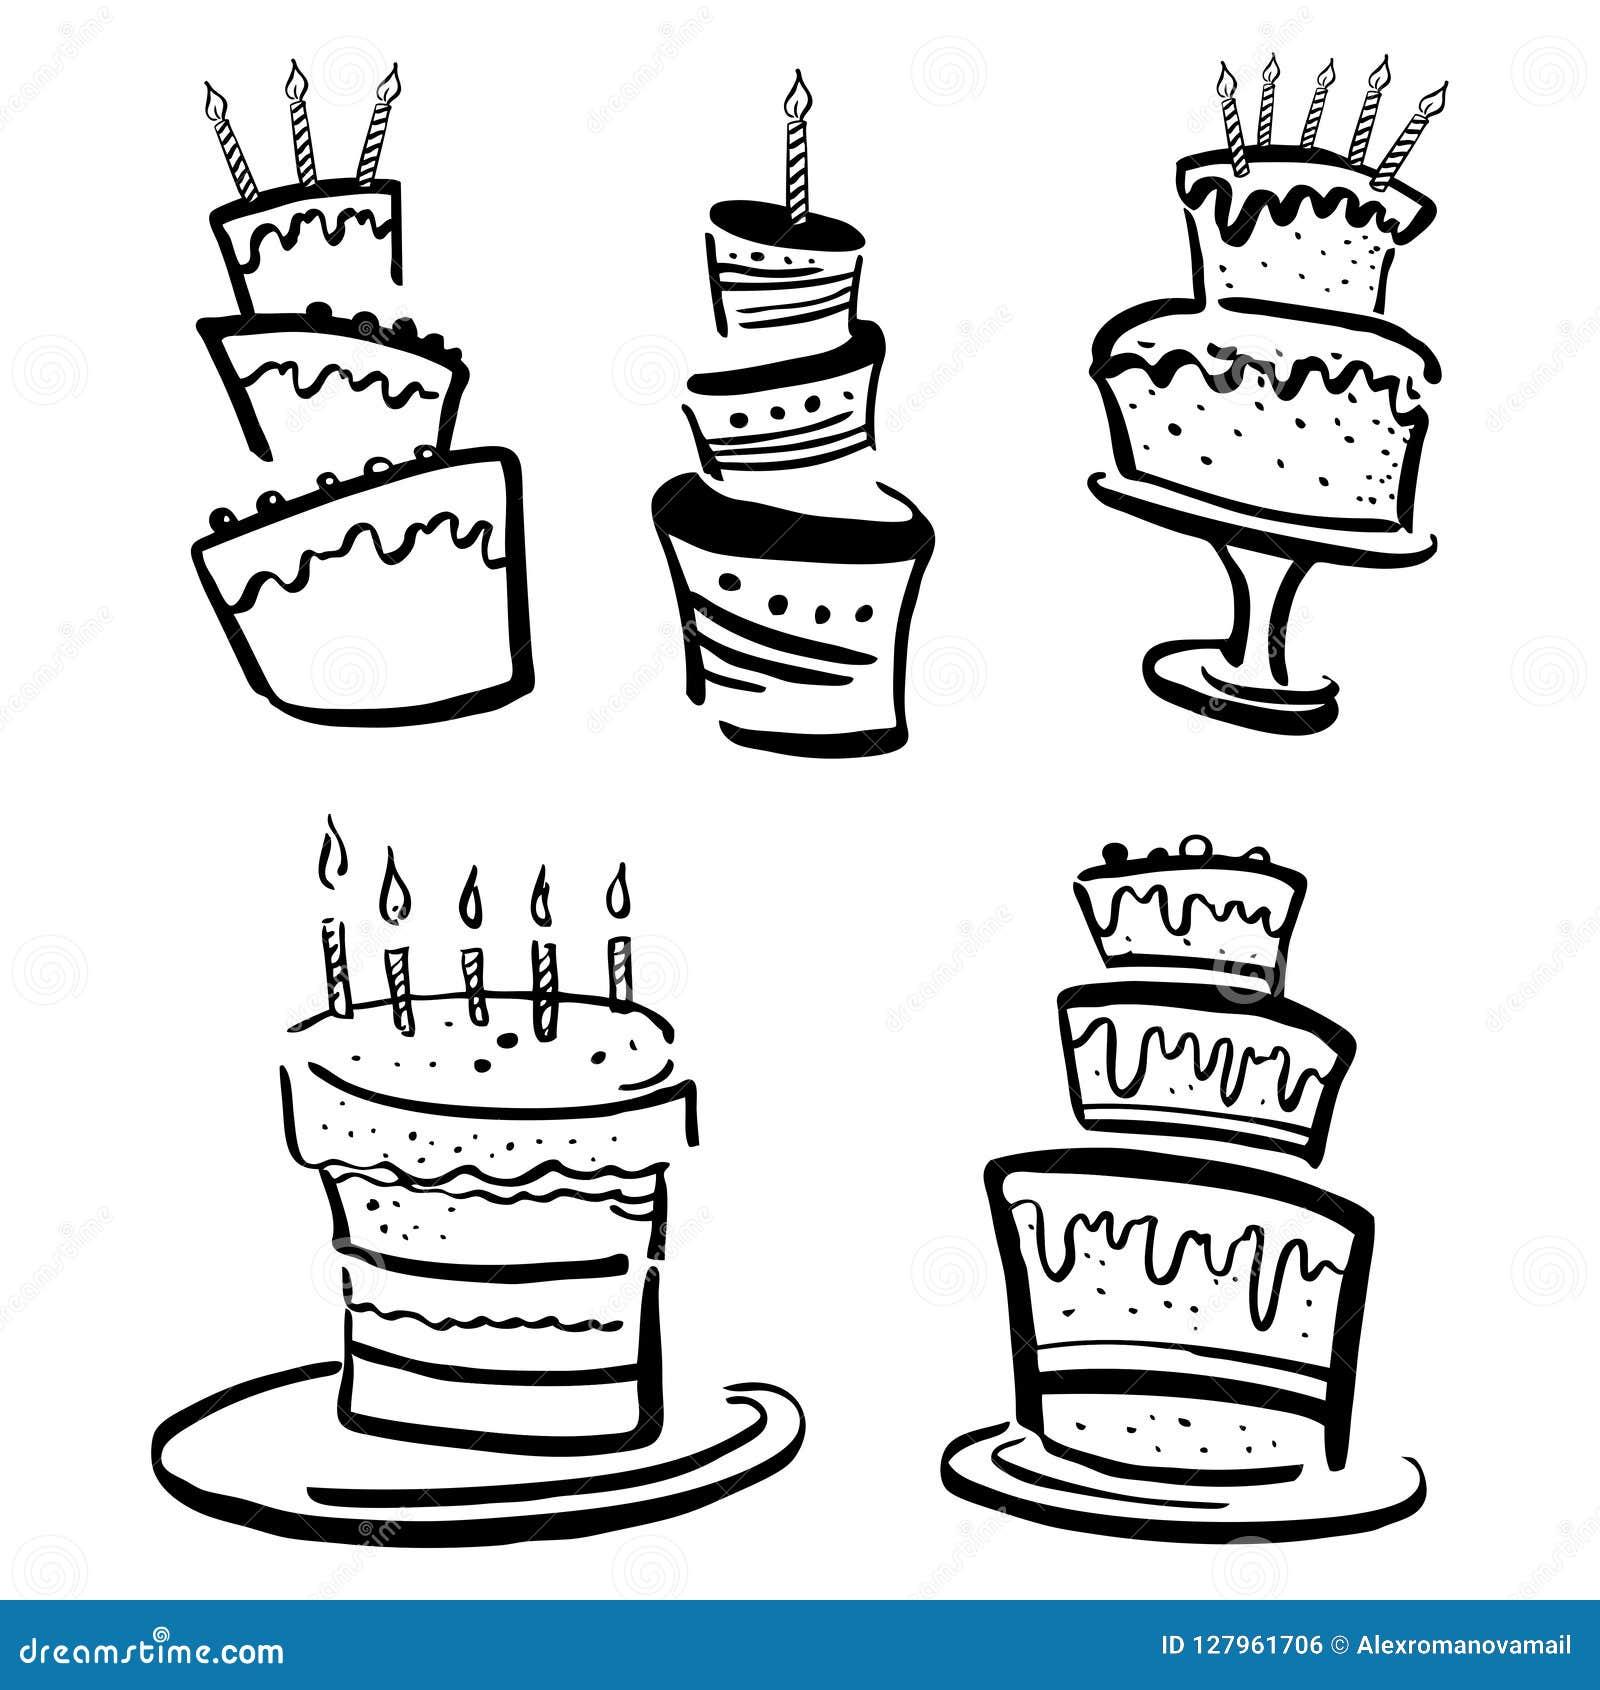 Torta Compleanno Stilizzata.Insieme Delle Torte Di Compleanno Stilizzate Illustrazione In Bianco E Nero Di Schizzo Di Vettore Disegnato A Mano Del Fumetto Illustrazione Vettoriale Illustrazione Di Cuocia Squisito 127961706